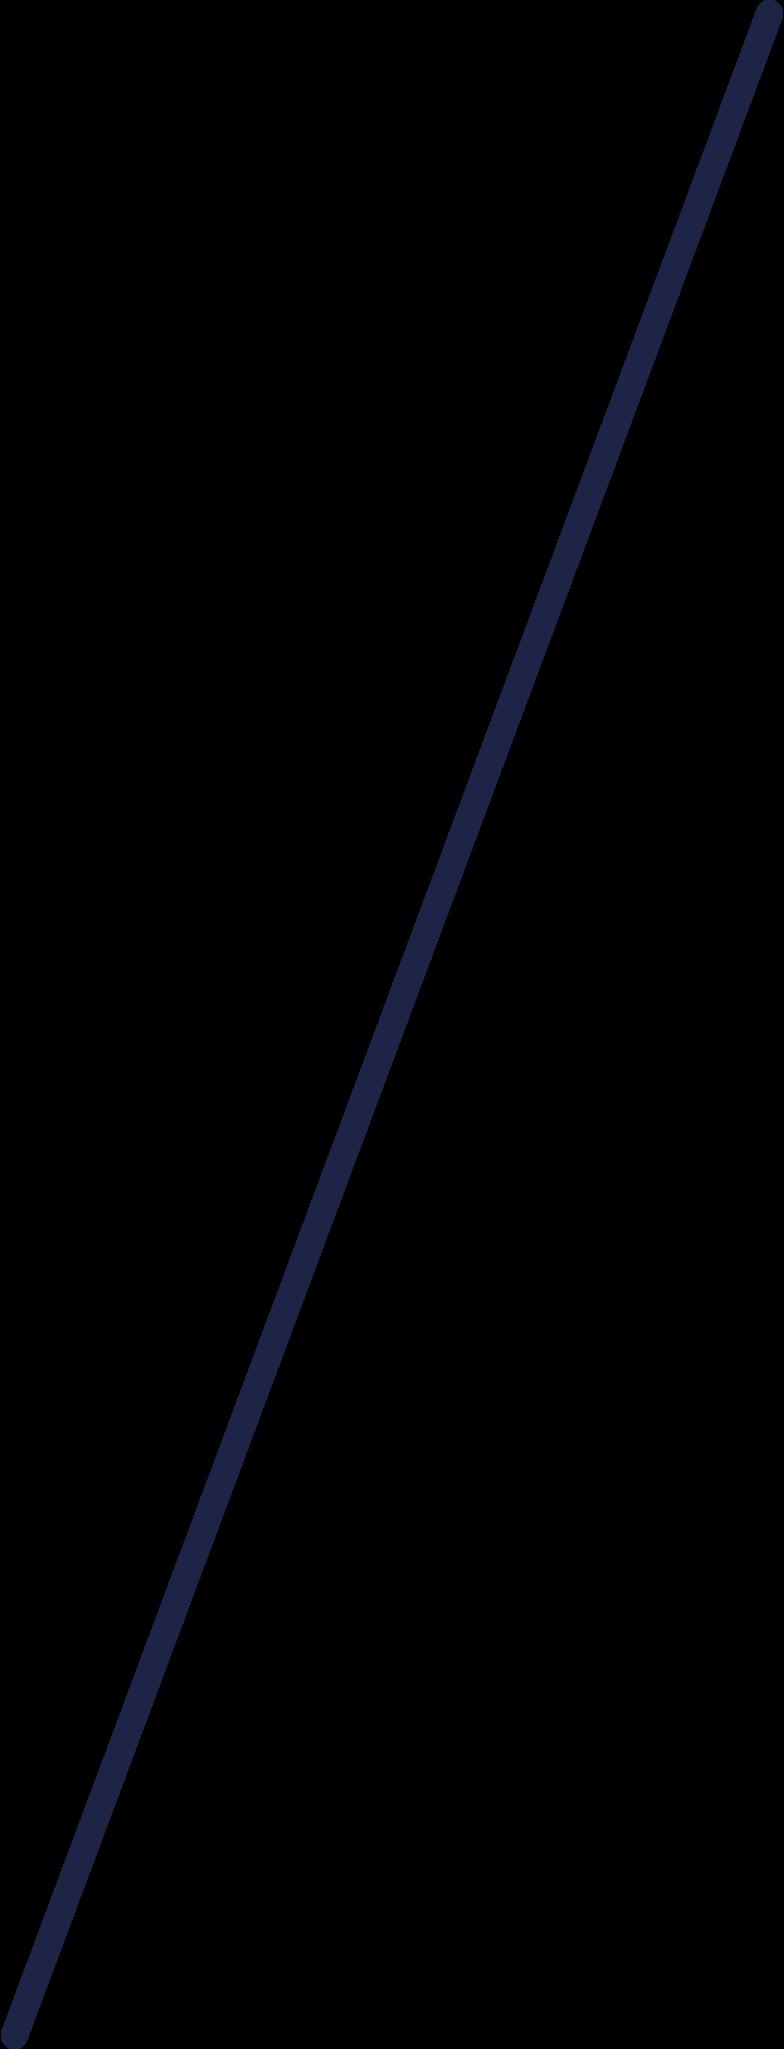 message sent  deltaplane rod 1 line Clipart illustration in PNG, SVG